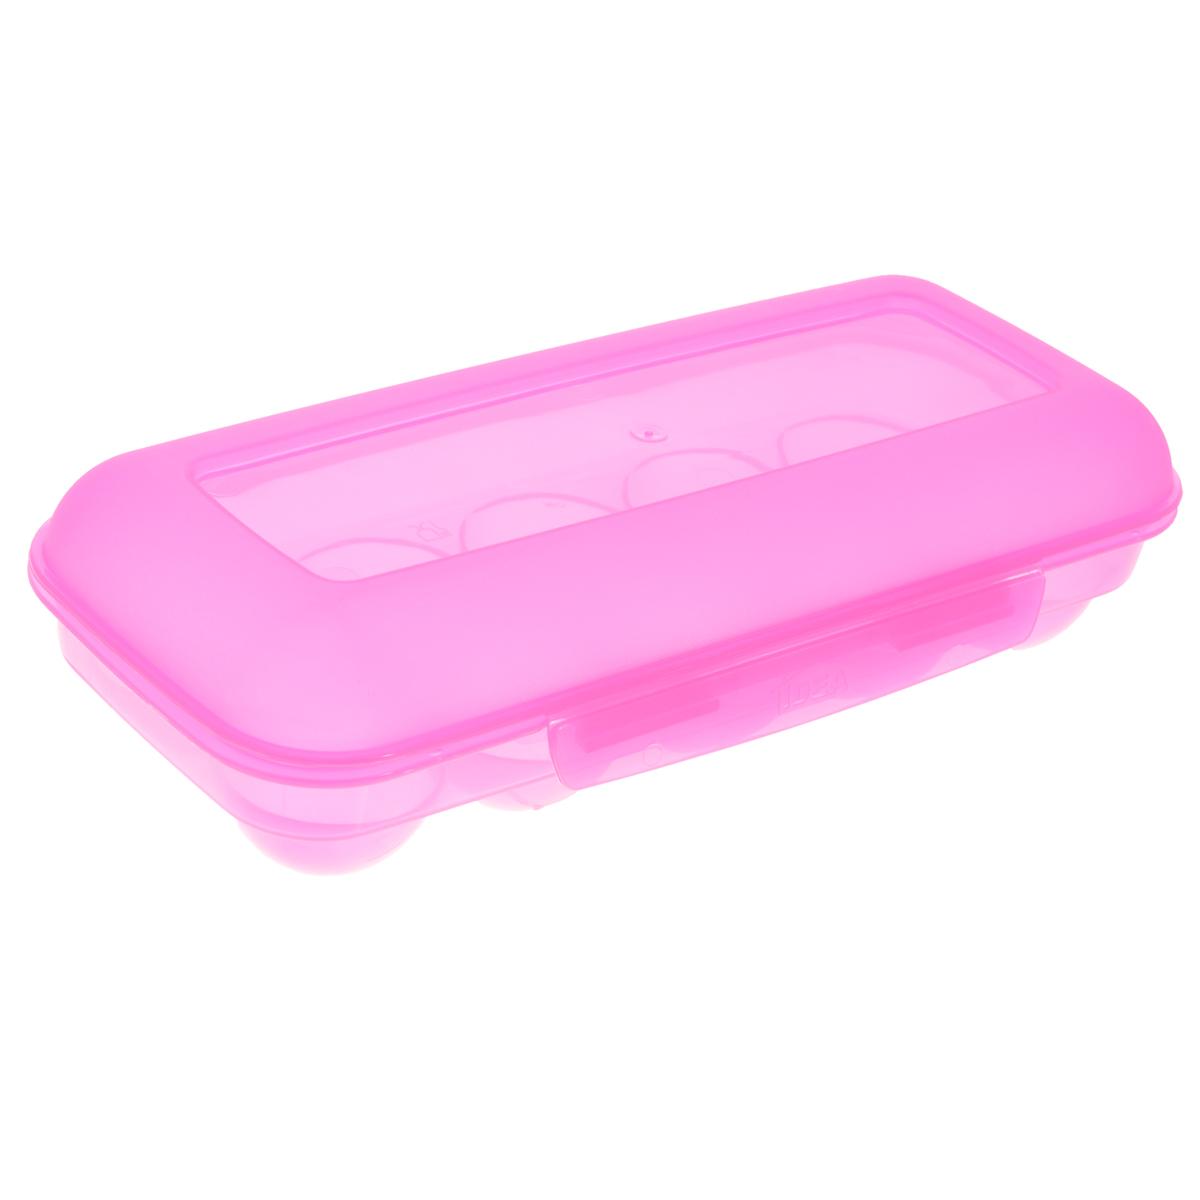 """Idea (М-пластика) Контейнер для яиц """"Idea"""", на 10 шт, цвет: розовый, 26,5 см х 11,5 см х 6,5 см"""